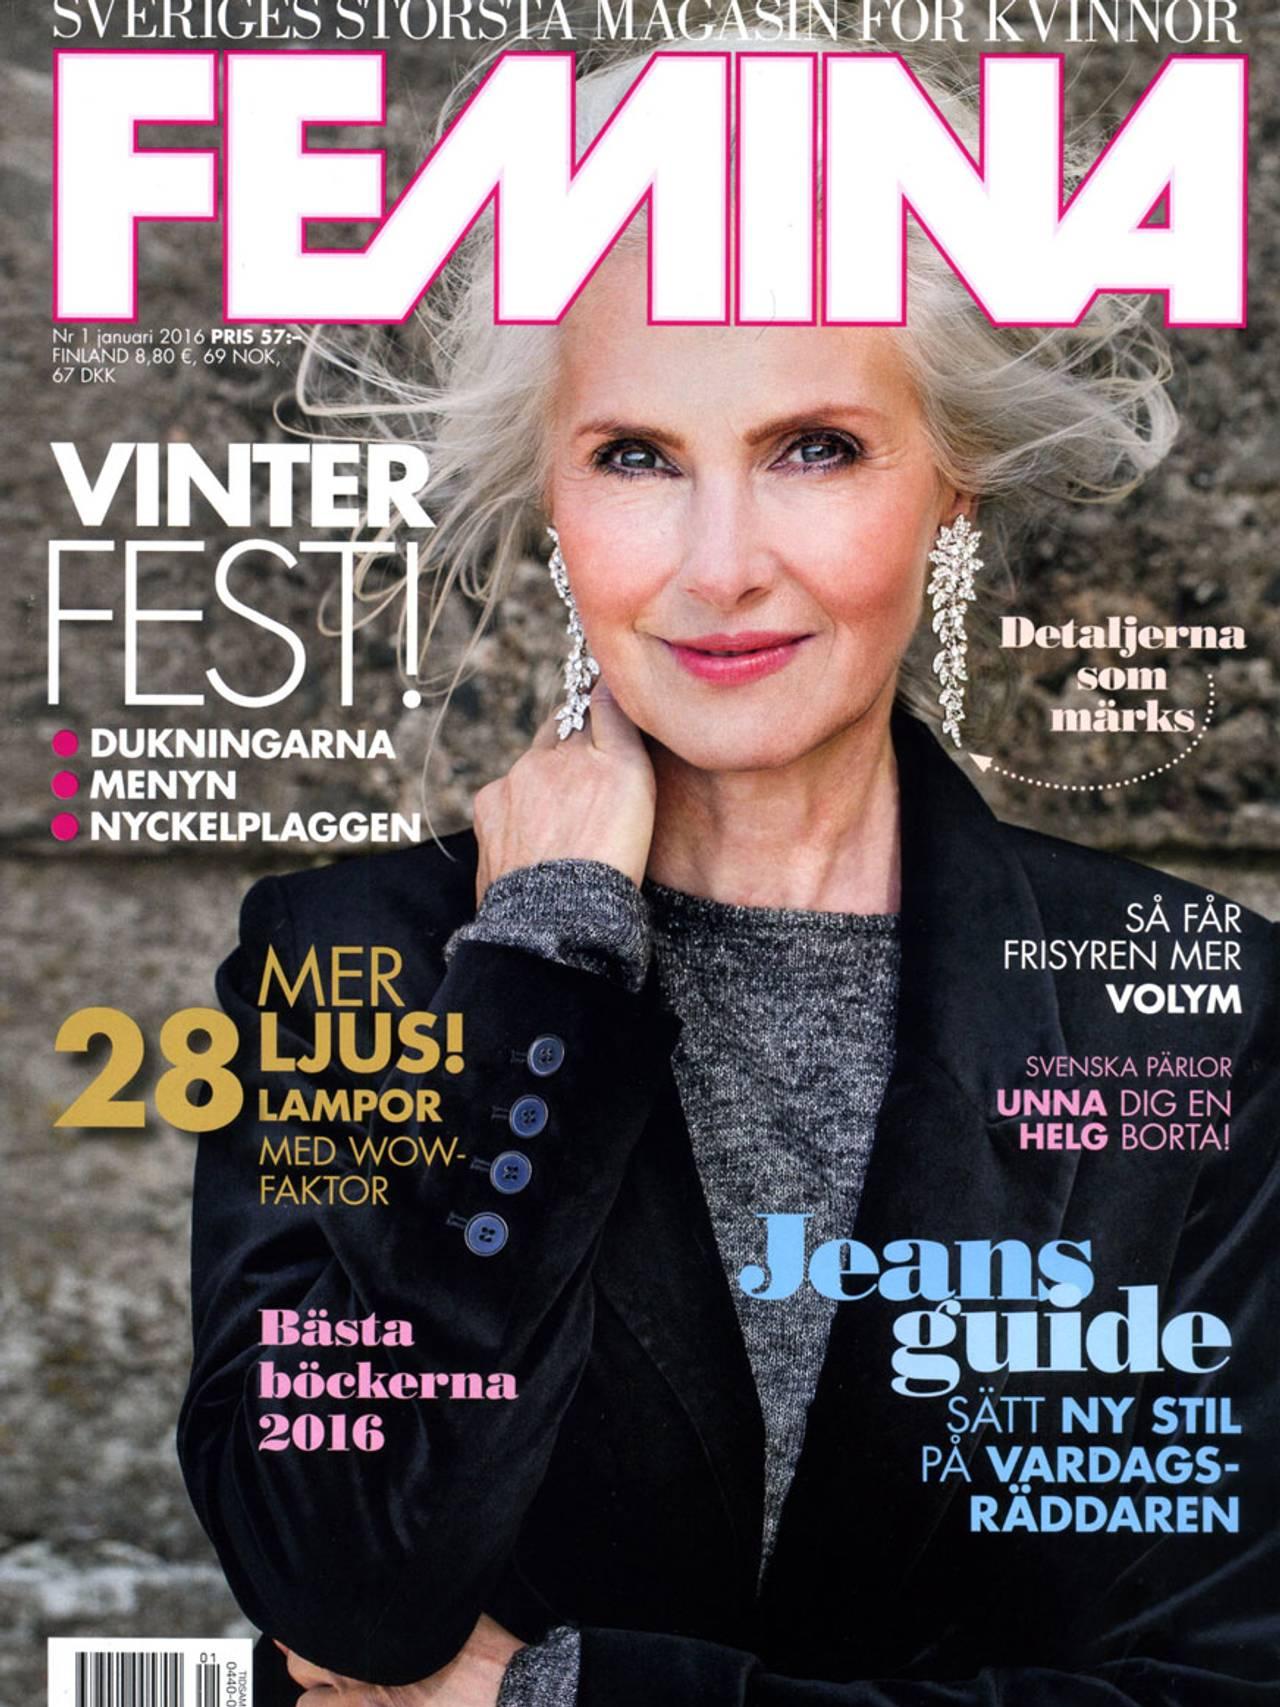 På forsiden av svenske Femina